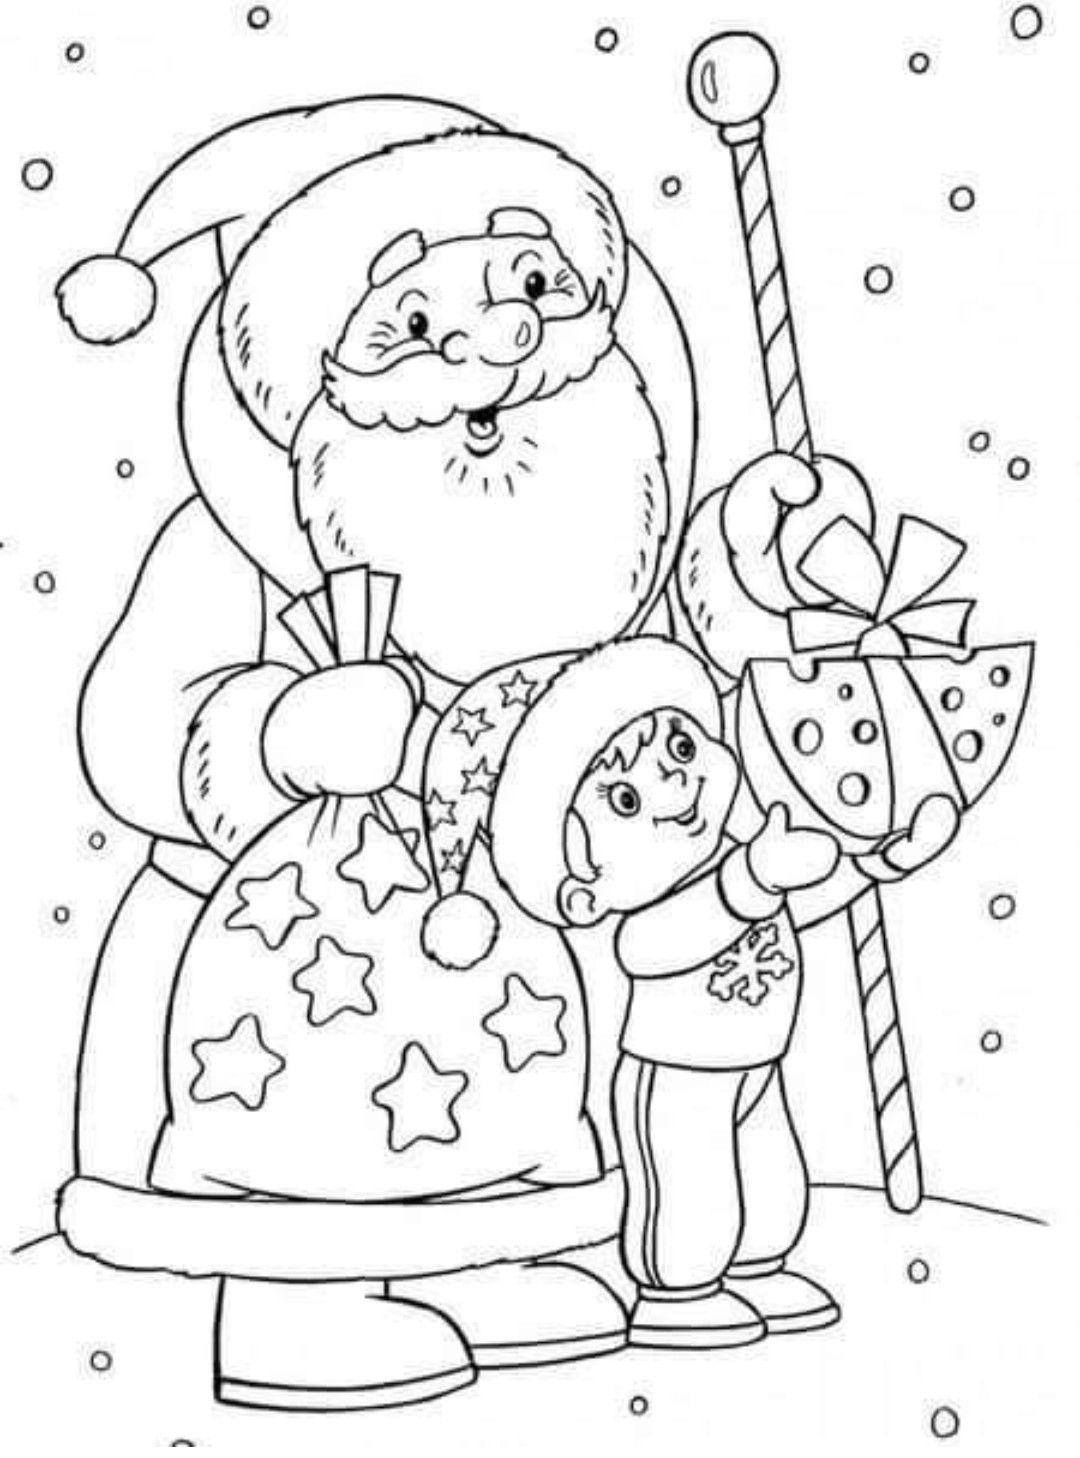 Erfreut Santa Claus Und Elfen Malvorlagen Fotos - Entry Level Resume ...